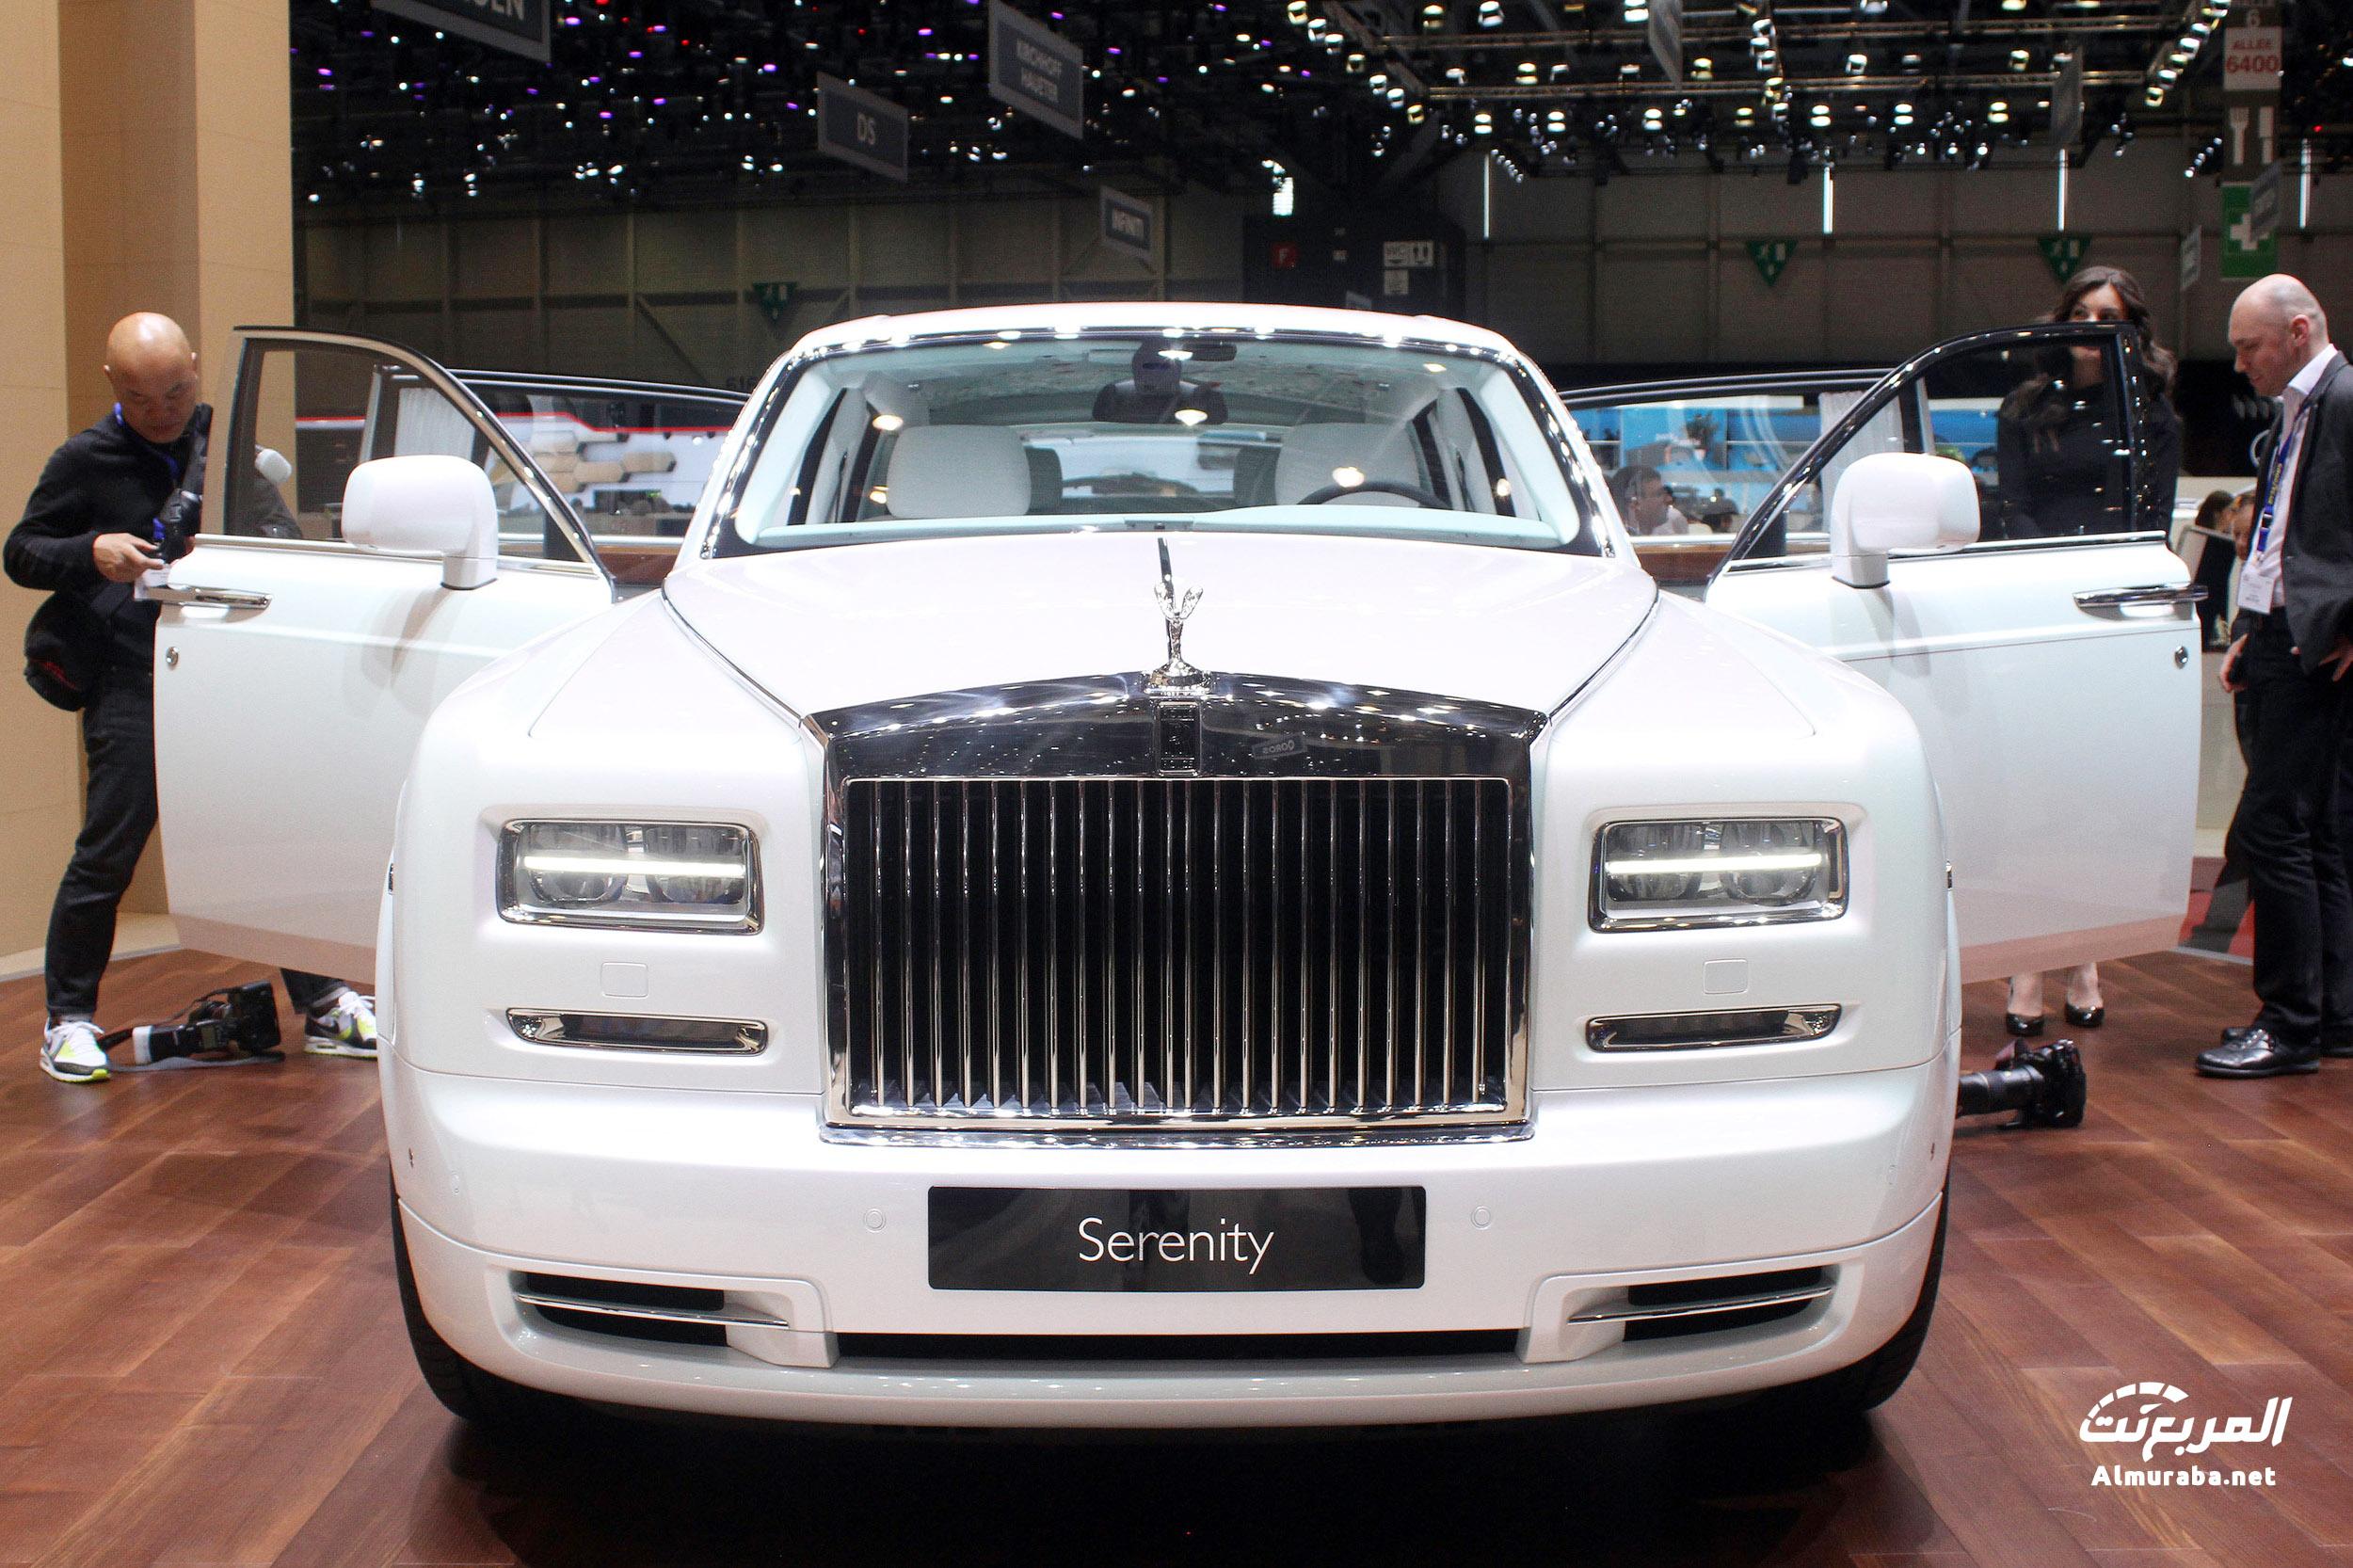 """رولز رويس فانتوم 2015 نسخة """"الصفاء"""" تحصل على تطويرات ومواصفات جديدة Rolls-Royce   المربع نت"""